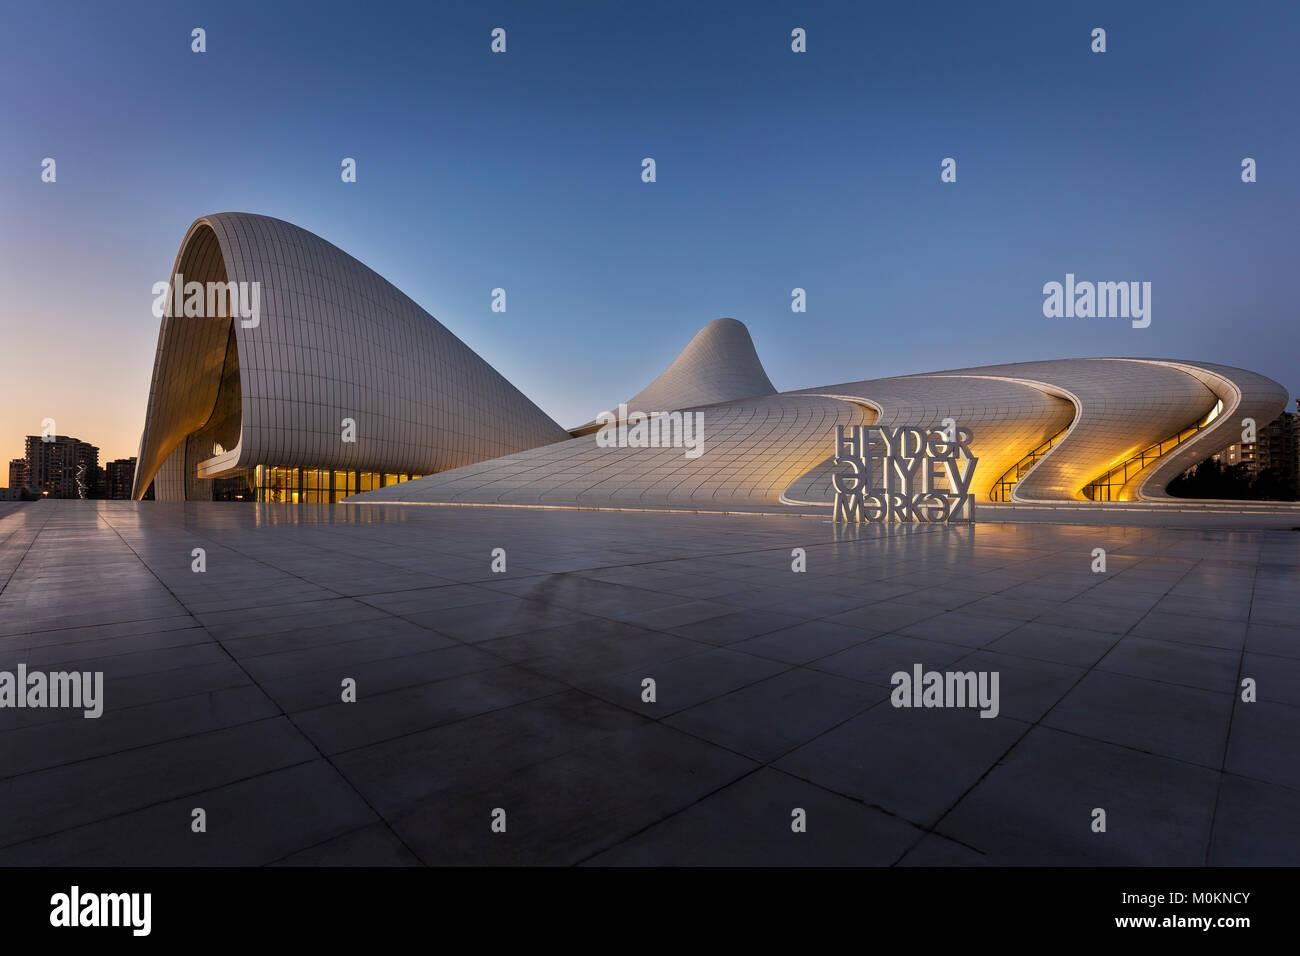 Heydar Aliyev Center in Baku - Stock Image